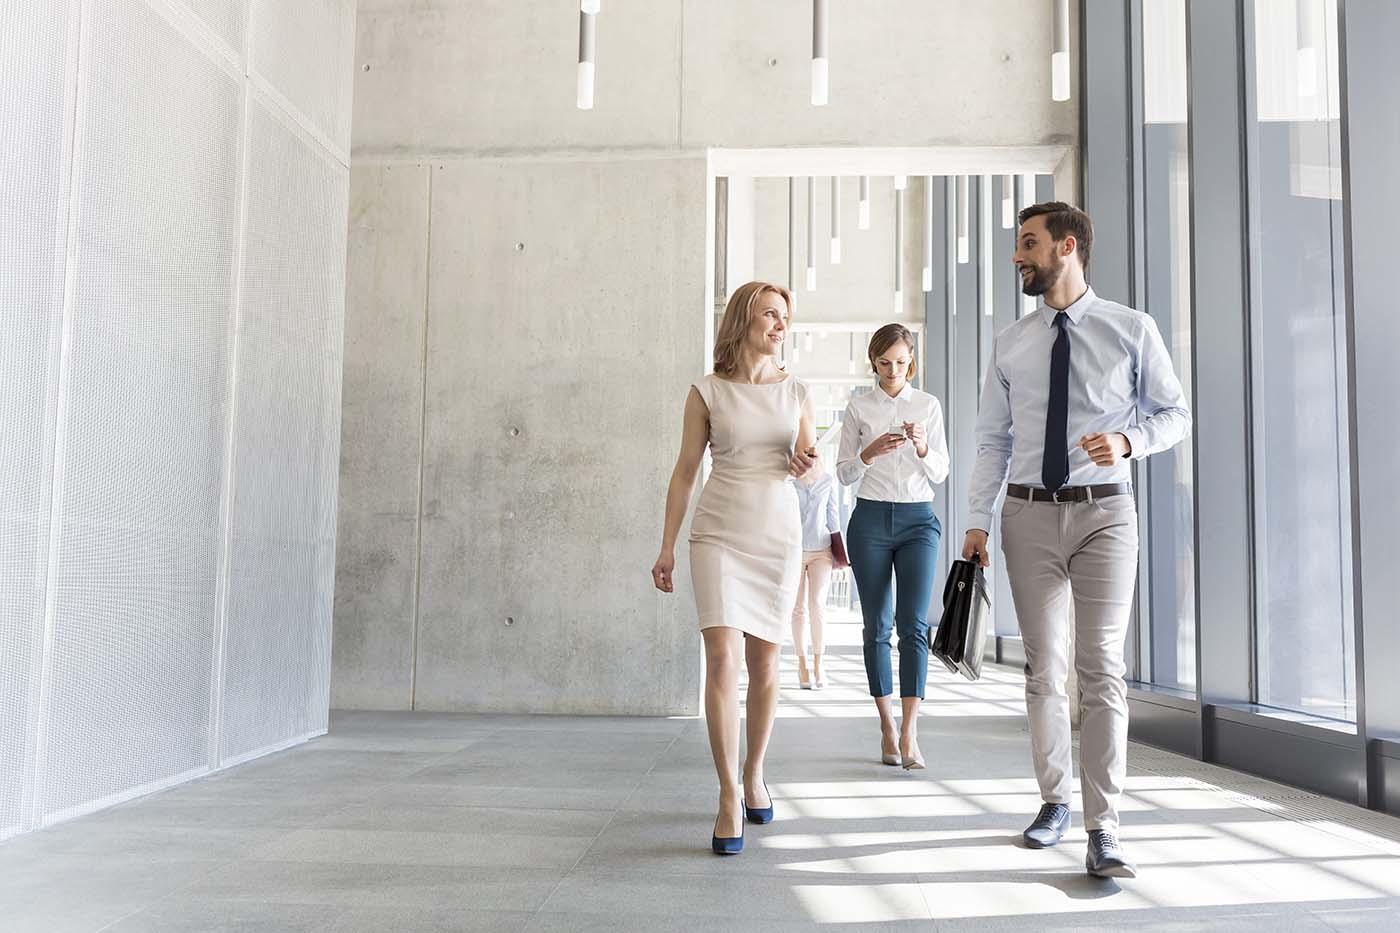 Uomo e donna d'affari che camminano lungo un corridoio